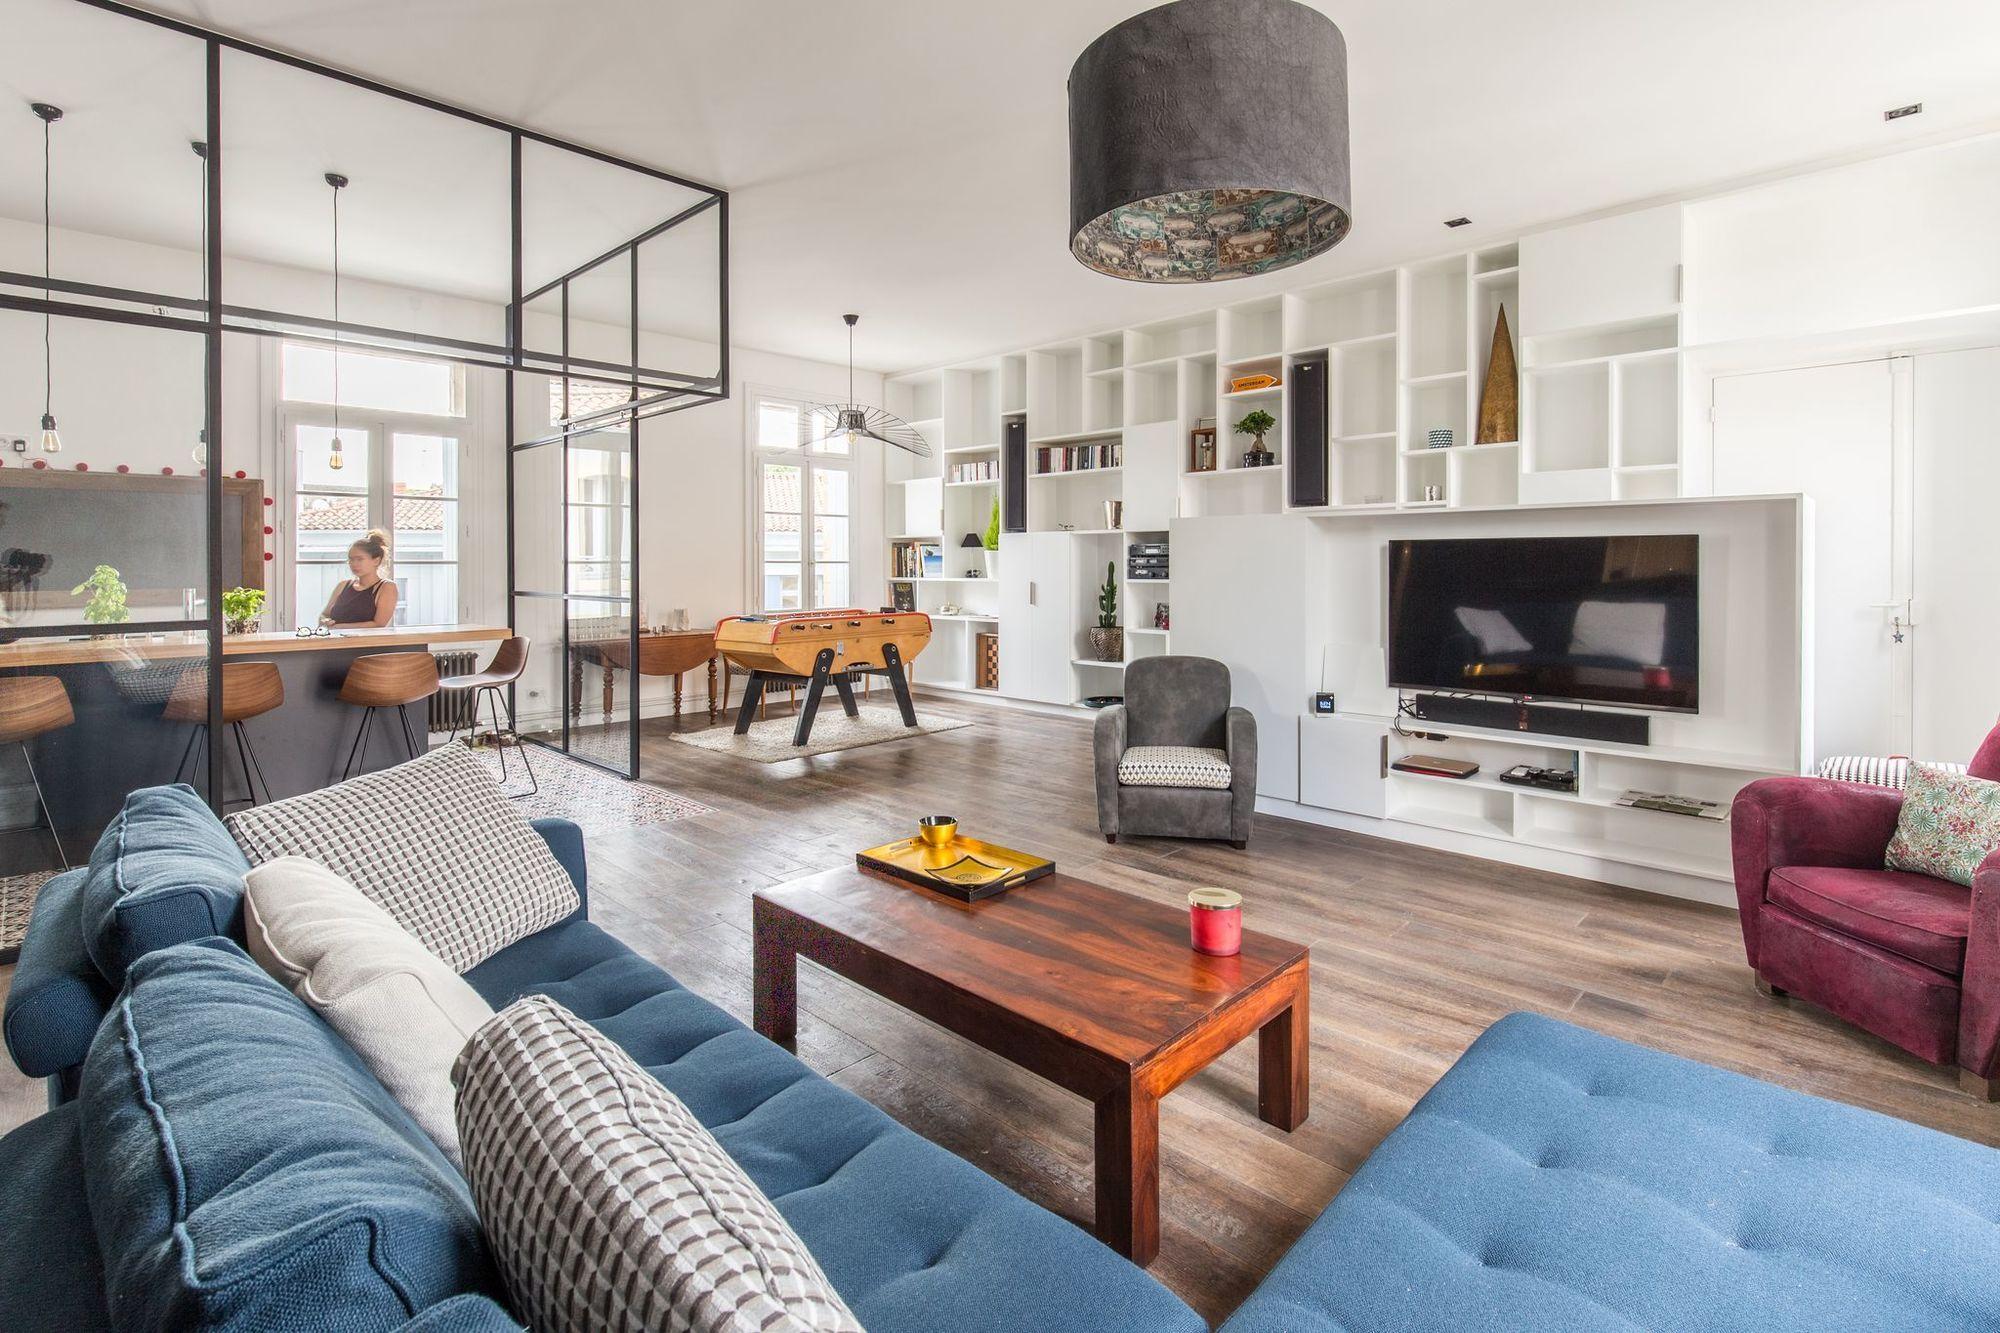 Appartement Montpellier Centre 150 M2 Modernises Pour Une Famille En 2020 Decoration Appartement Appartement Appartement Salon